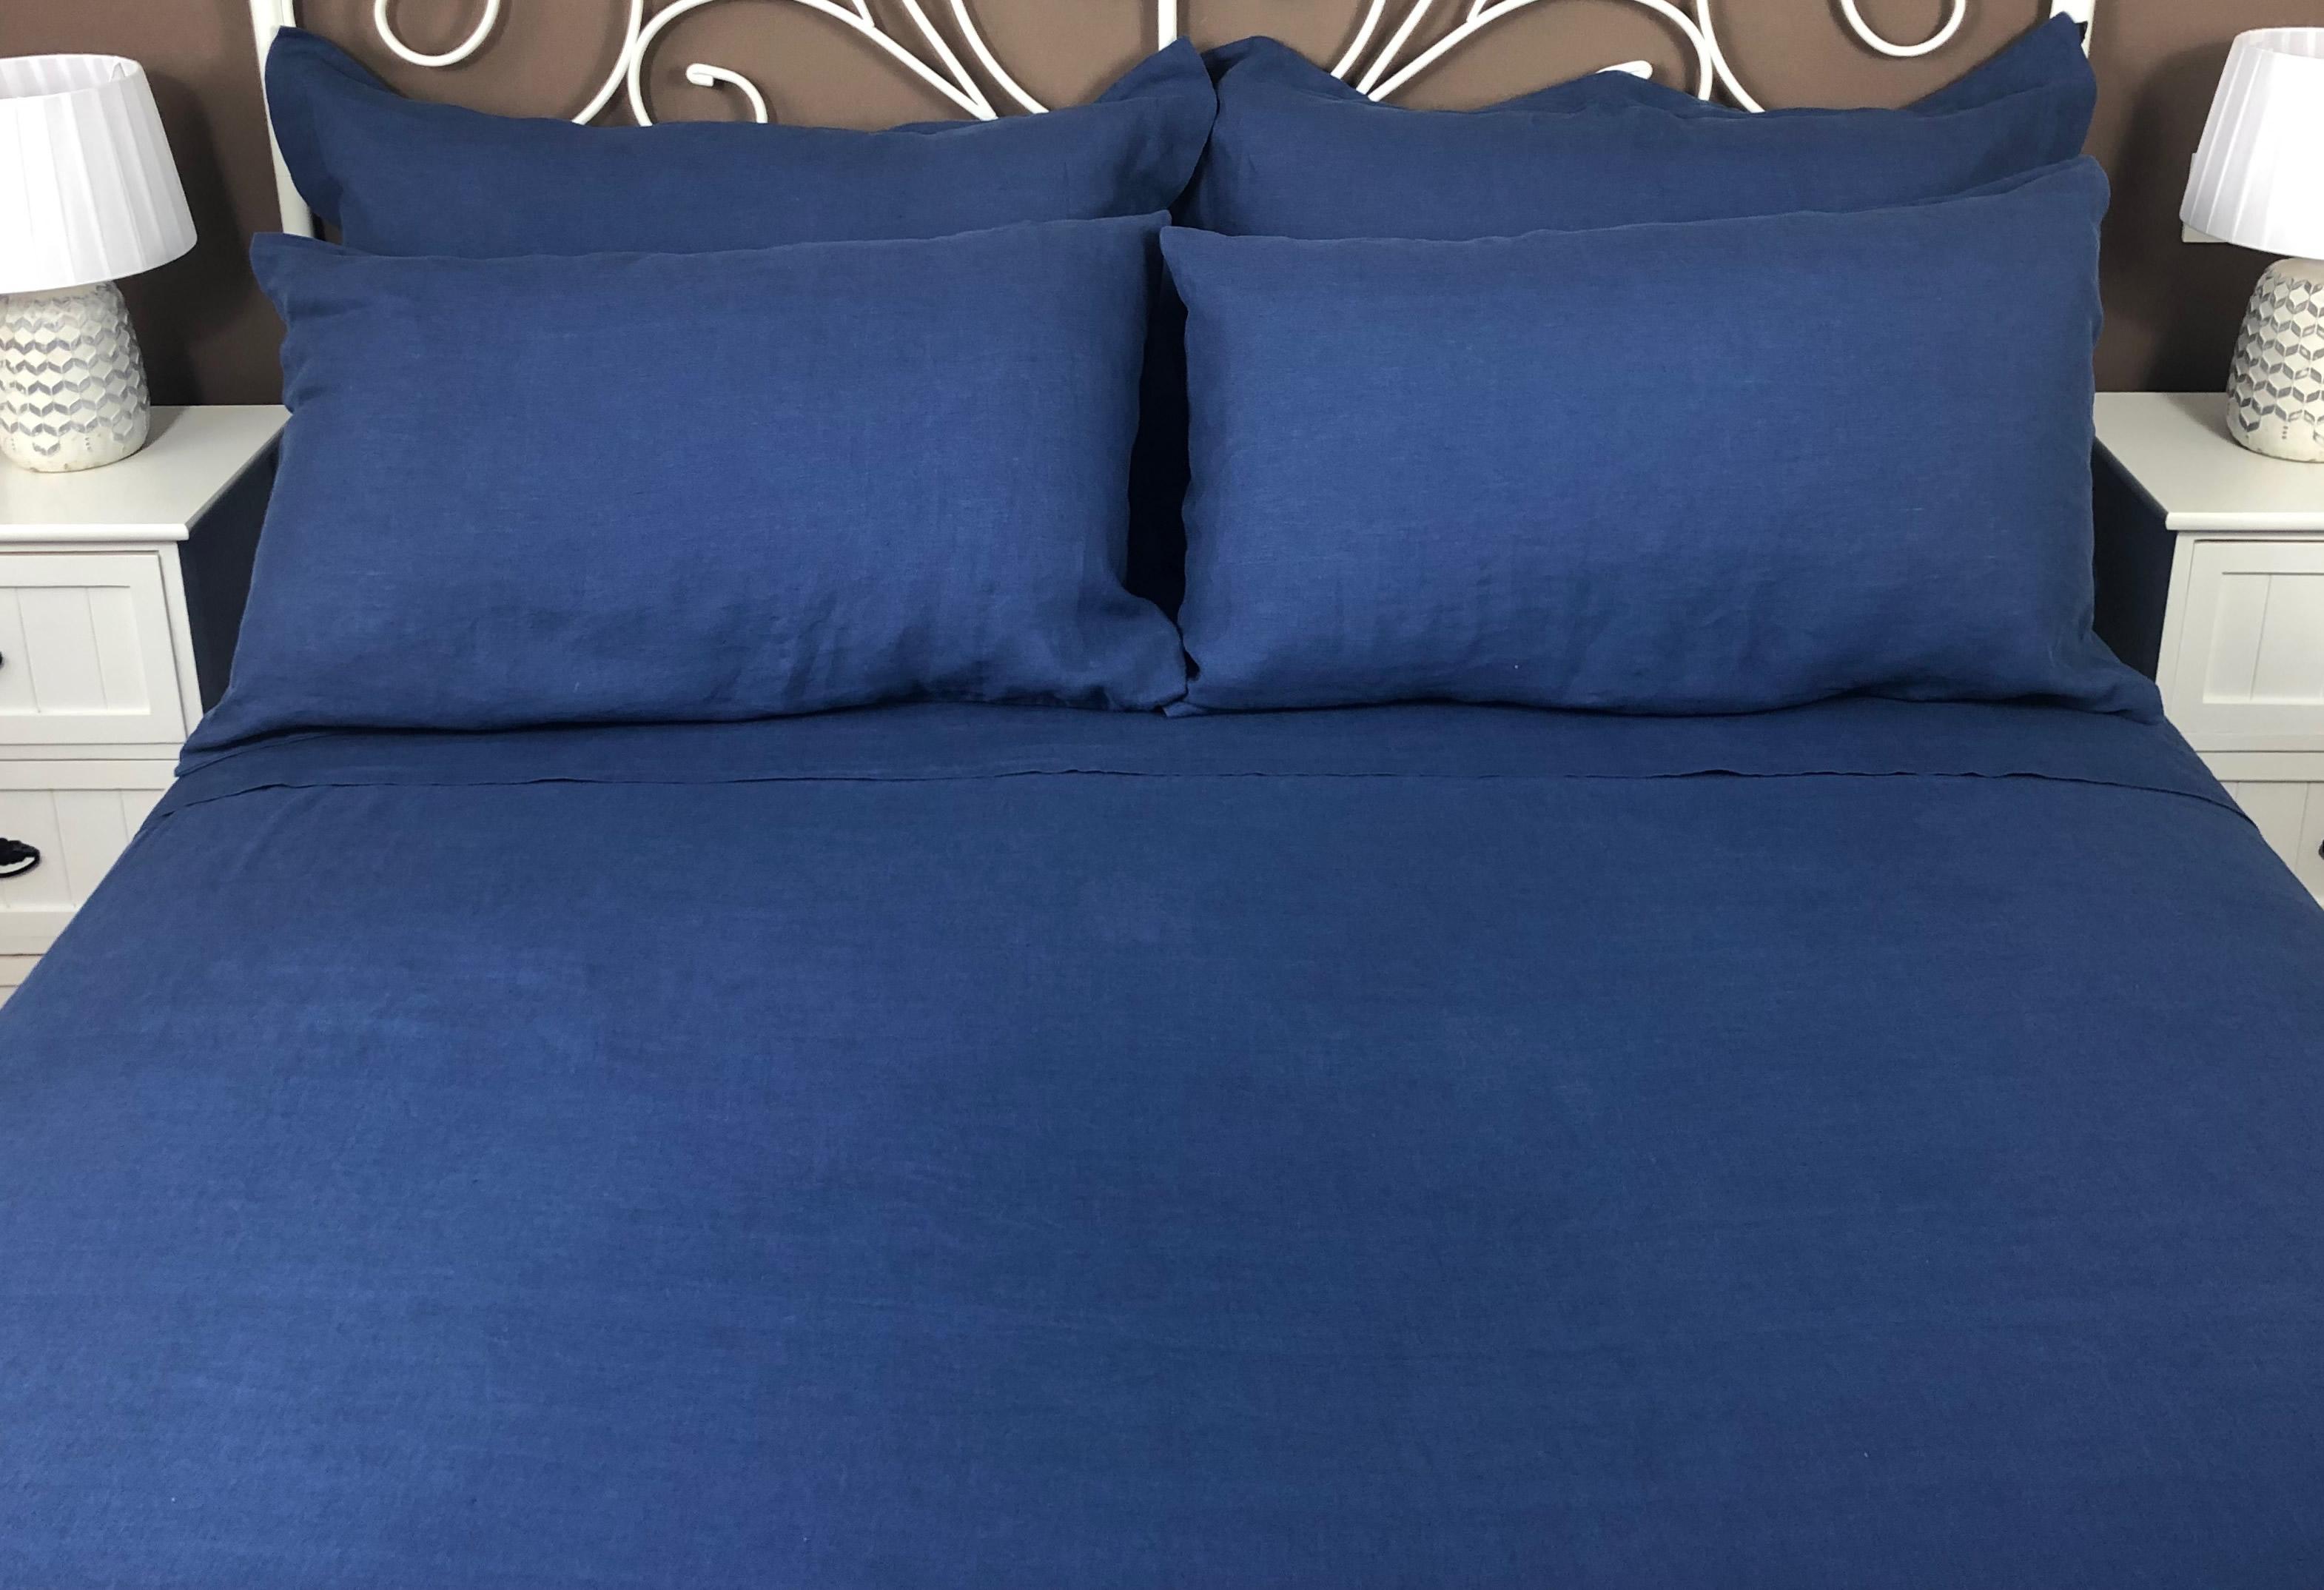 high quality linen flat sheet in blue